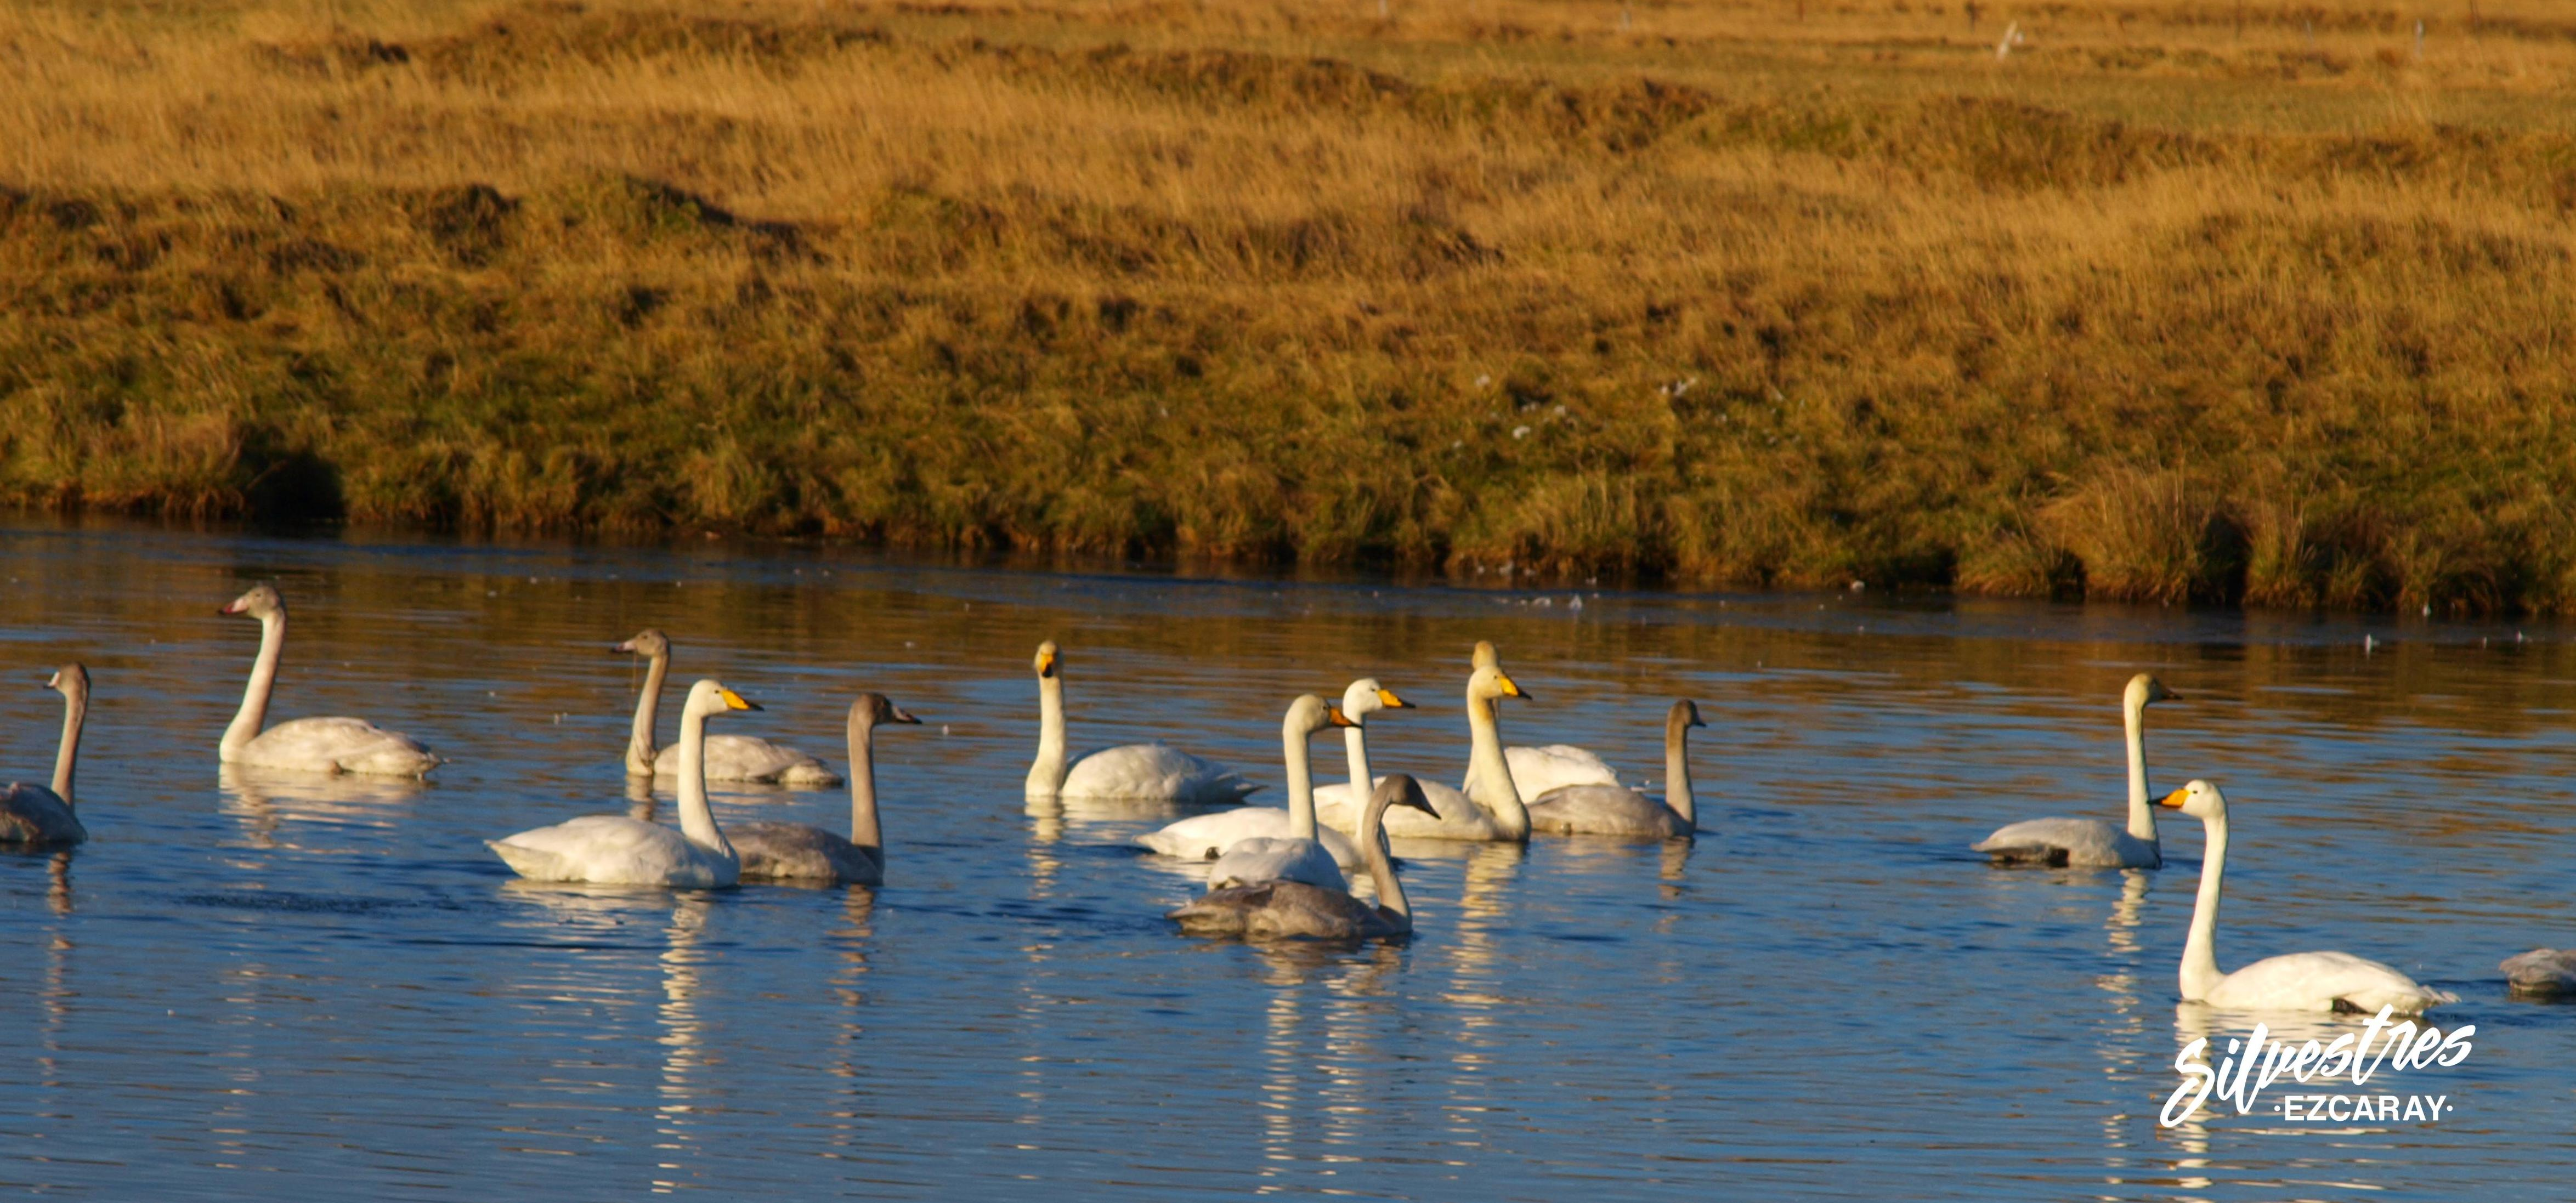 cisner_cantores_en_islandia_aves_pájaros_turismo_ornitilogico